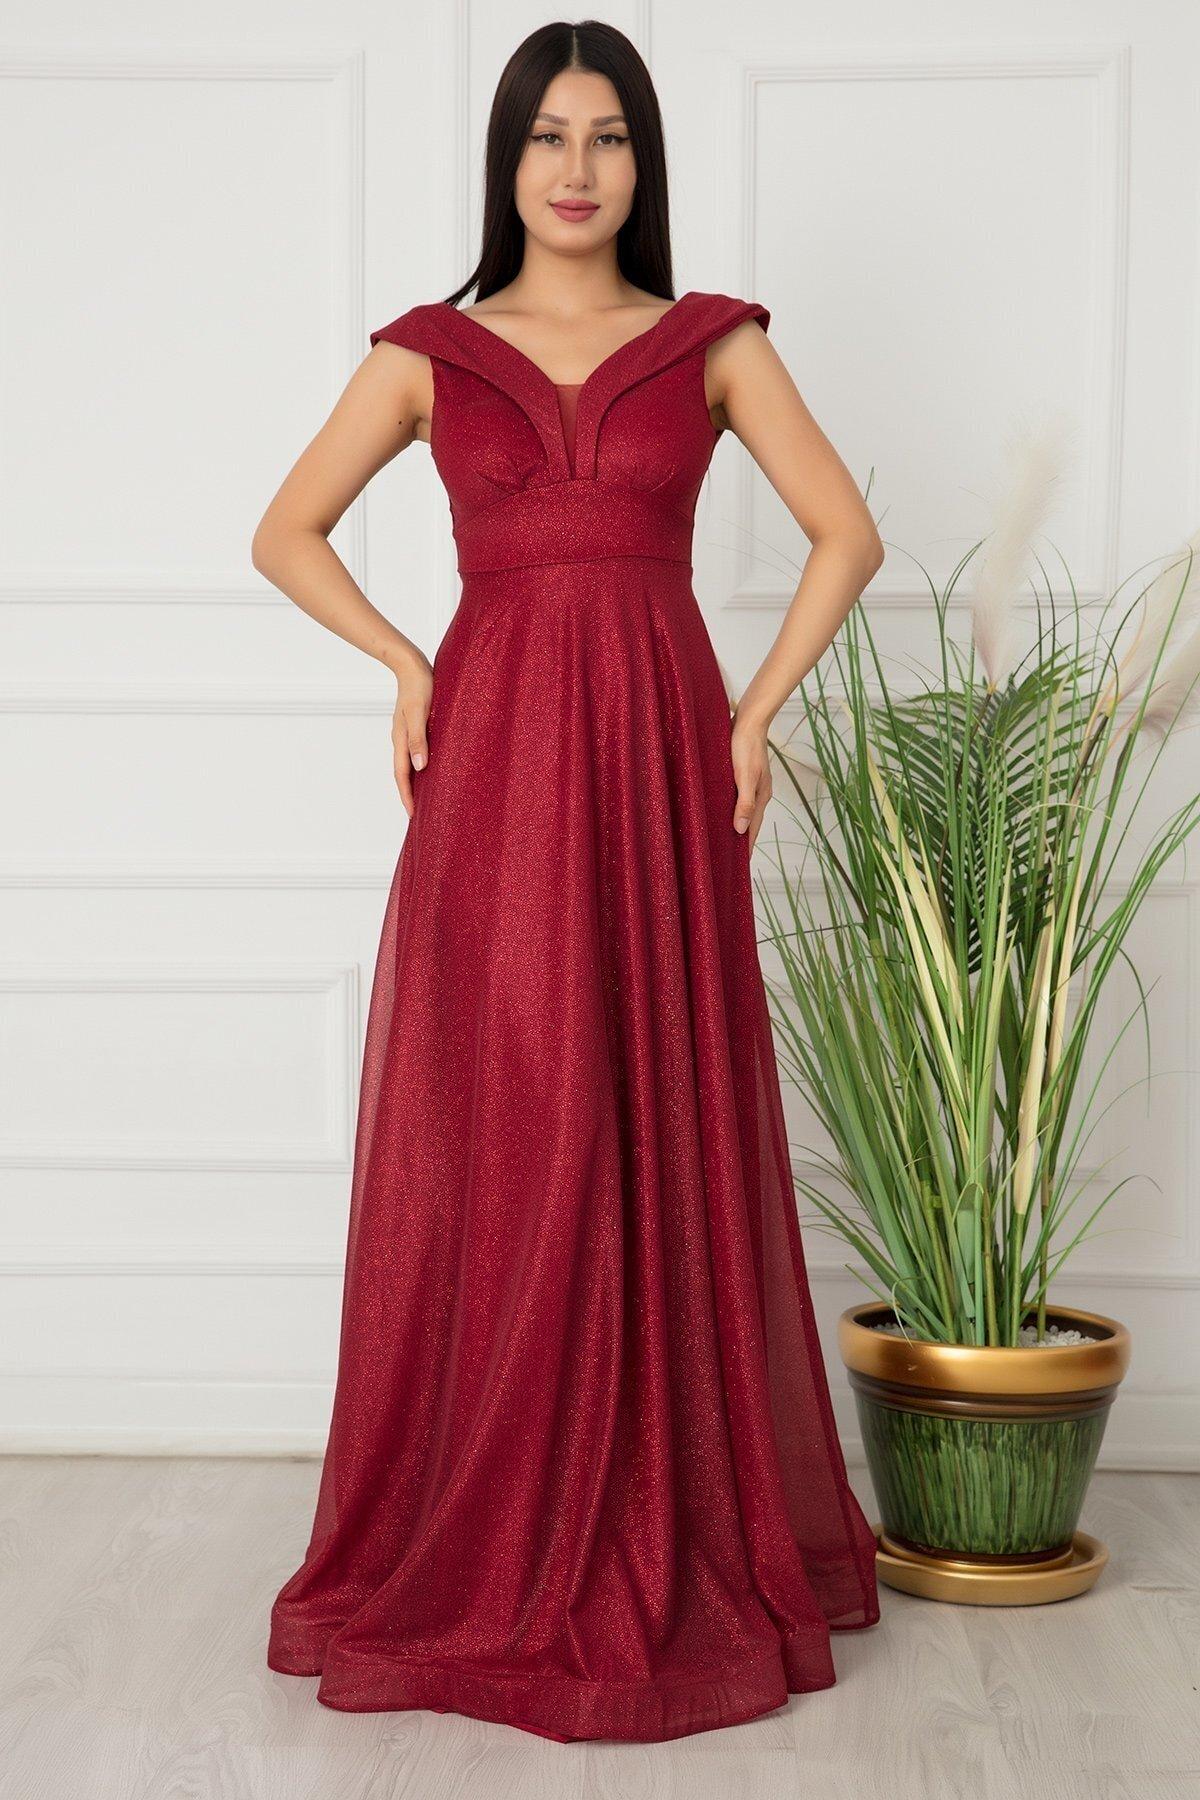 Pullimm Bordo Ruby Simli Tül Uzun Abiye Elbise